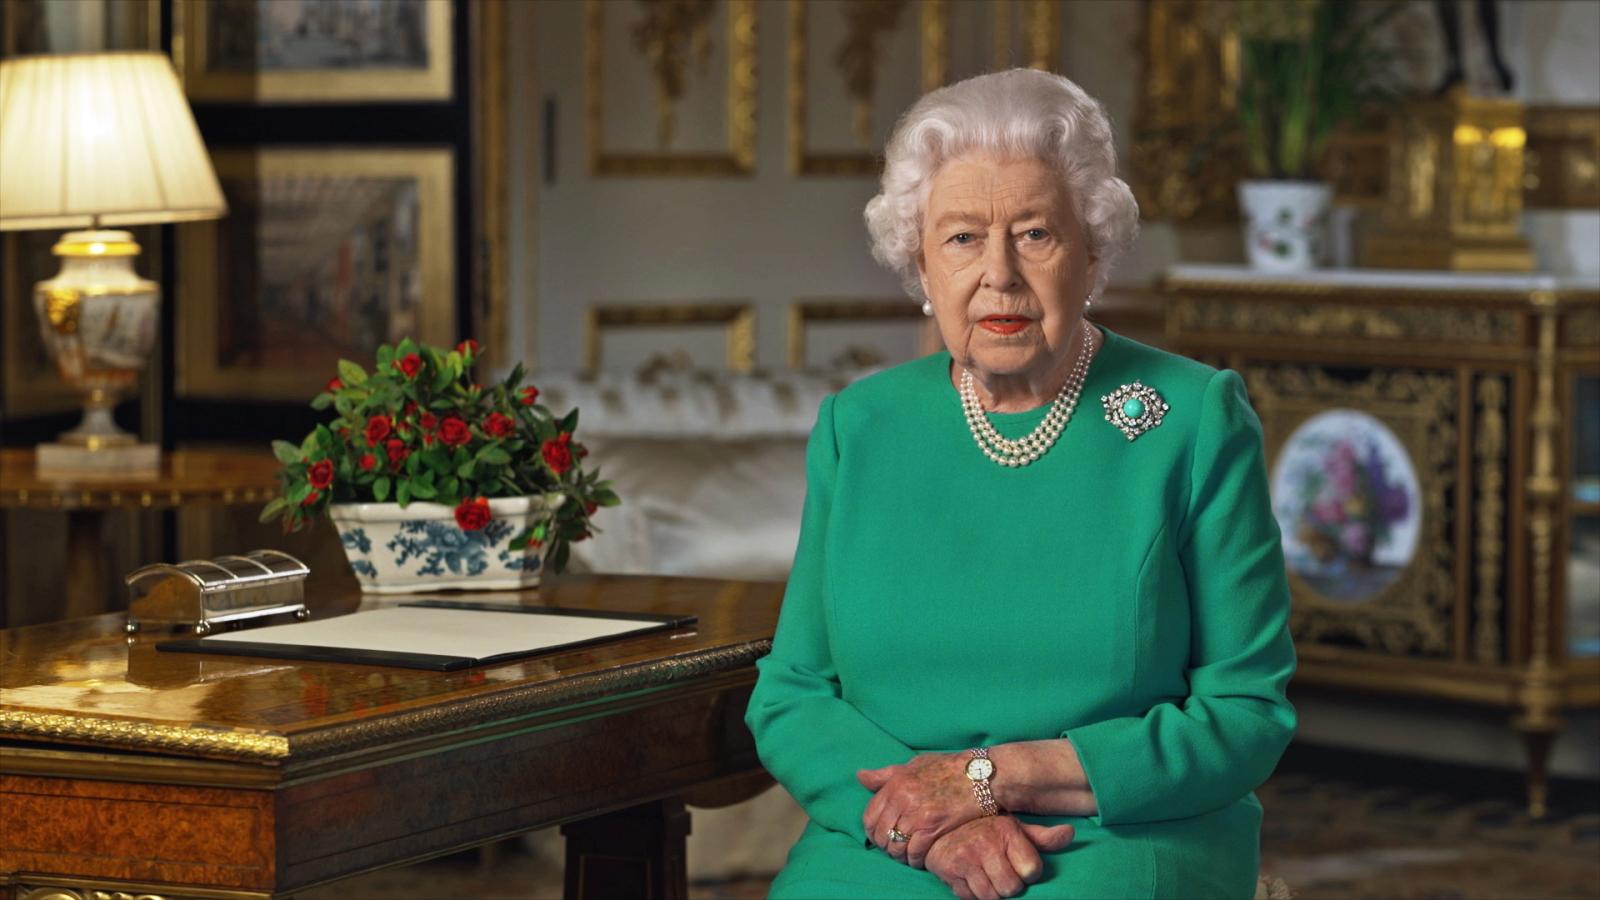 Przemówienie królowej Elżbiety fot. EPA/BUCKINGHAM PALACE